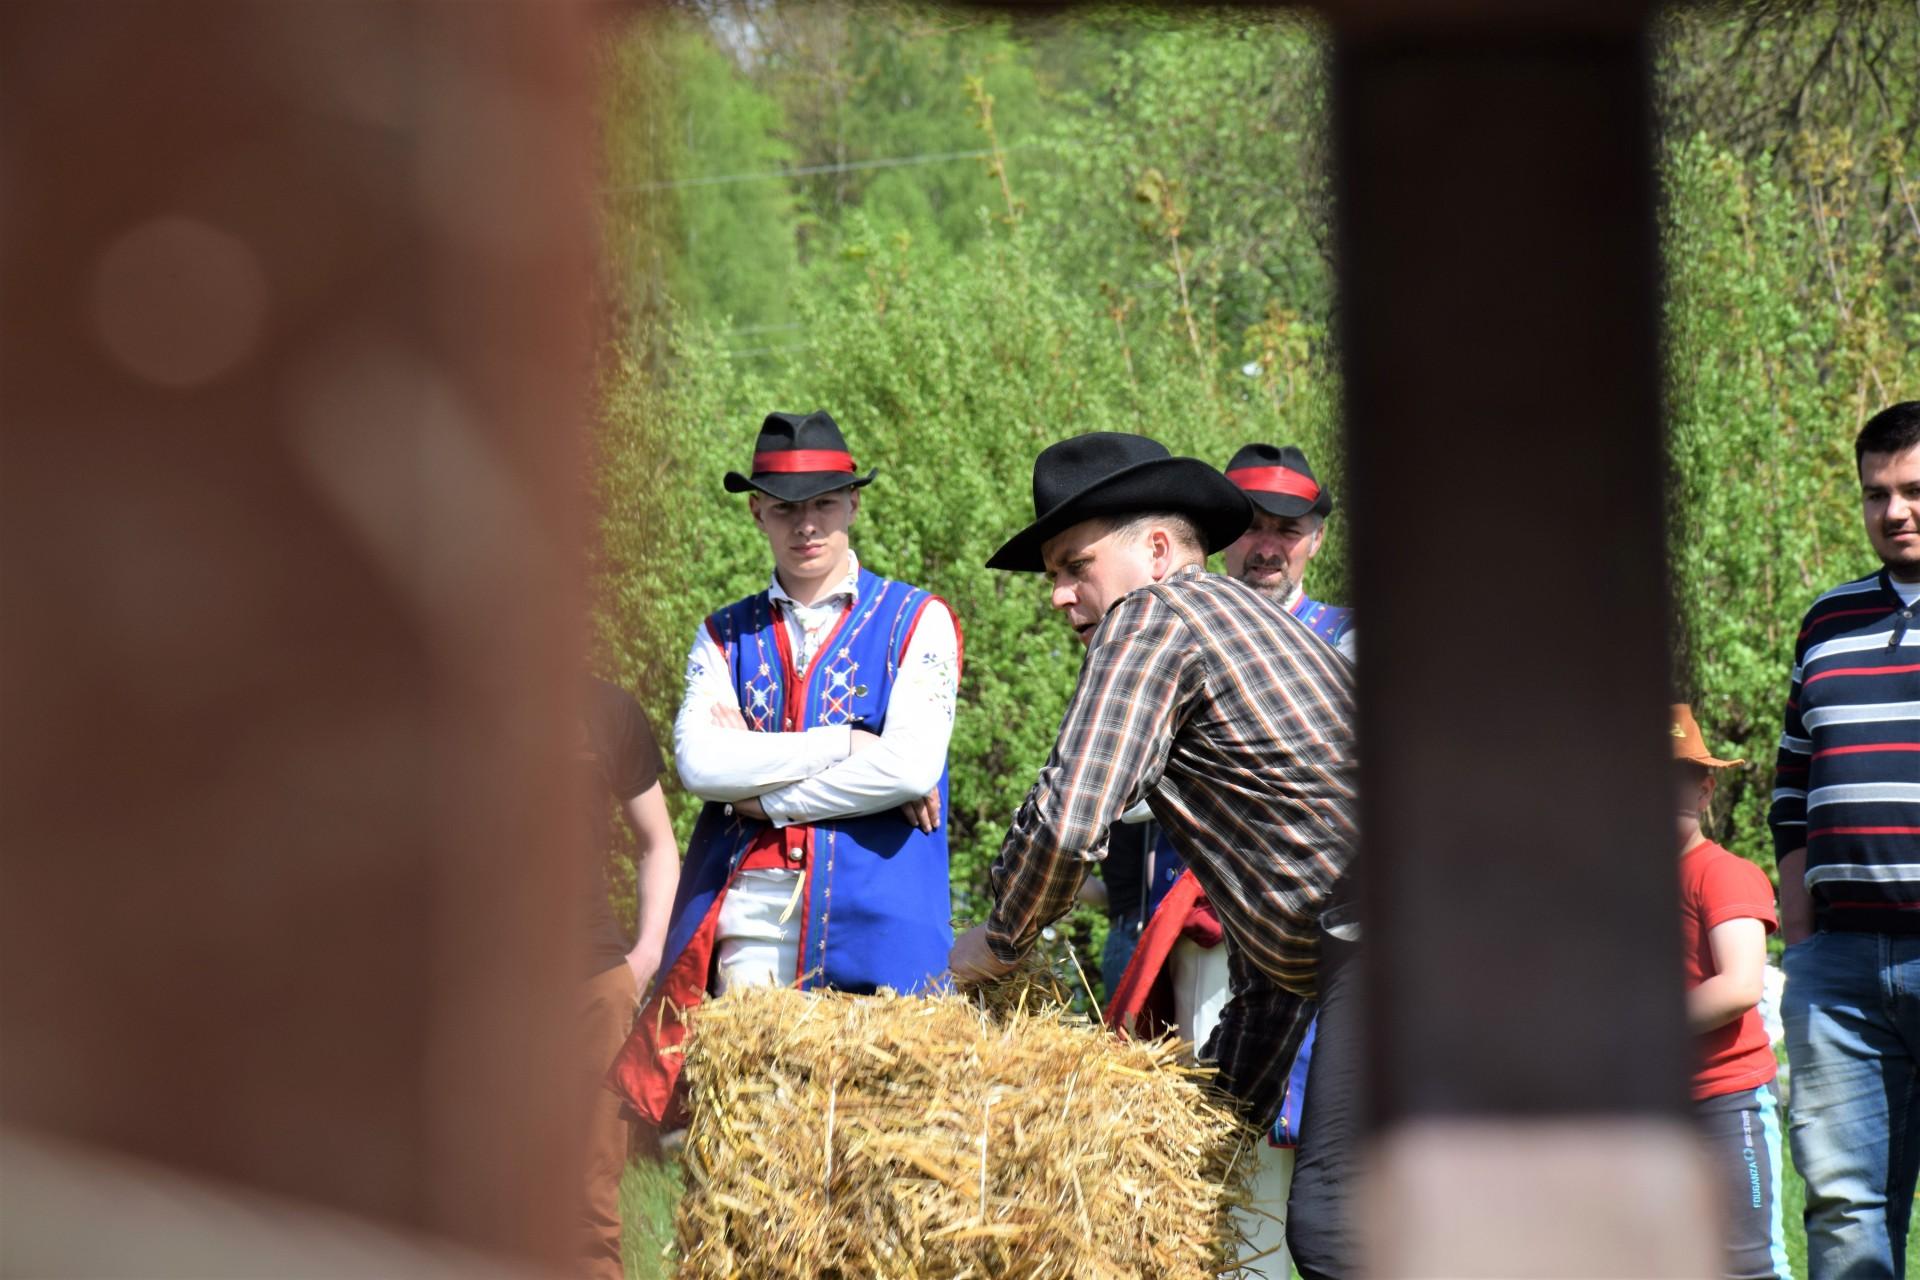 Konie, Kaszuby, Wiśta wio! Zawody w Ostrzycach [FOTOREPORTAŻ] 15